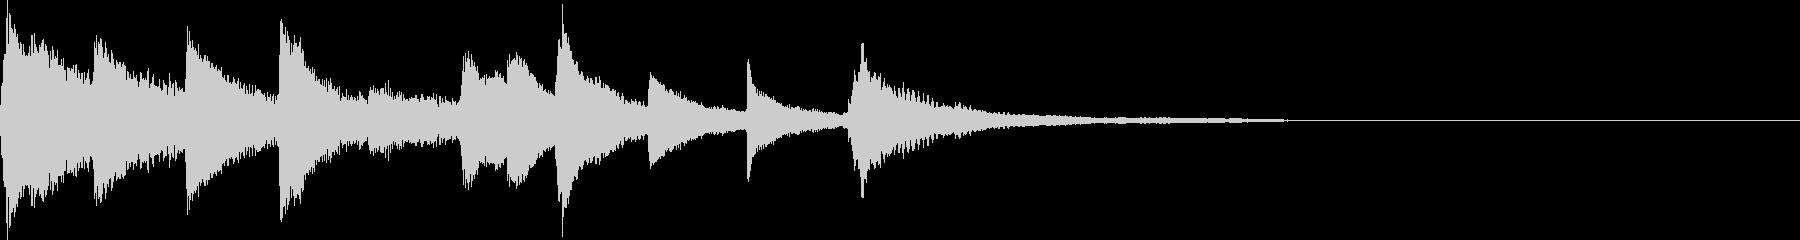 ピアノソロ アイキャッチの未再生の波形